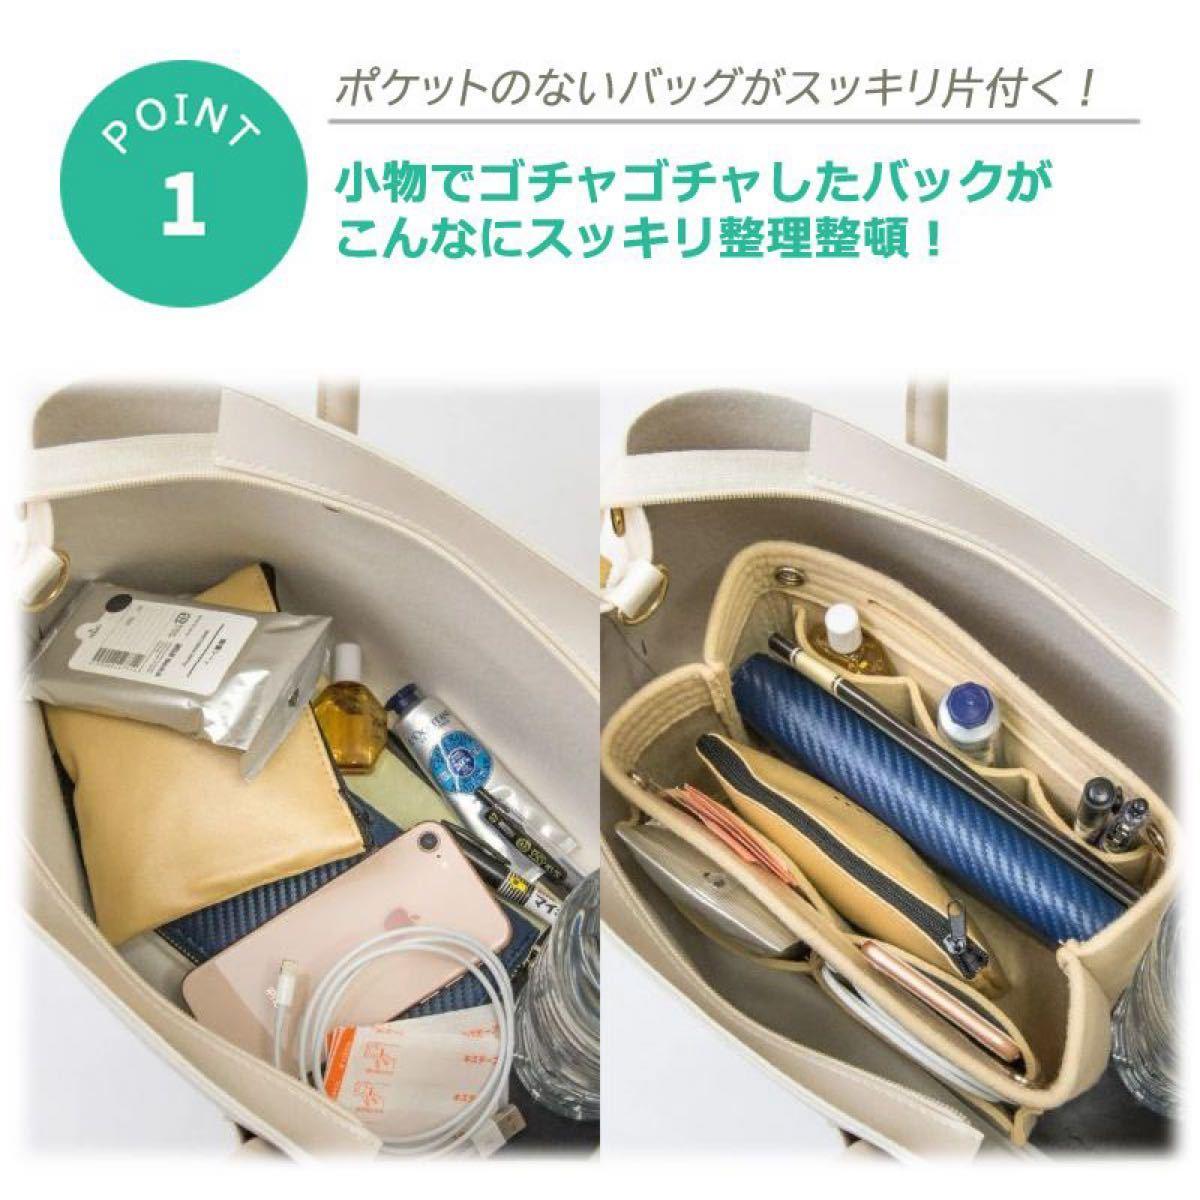 フェルト製 バッグインバッグ ベージュ 収納 整理 ポケット トートバッグ バッグインバッグ インナーバッグ 大容量 軽量